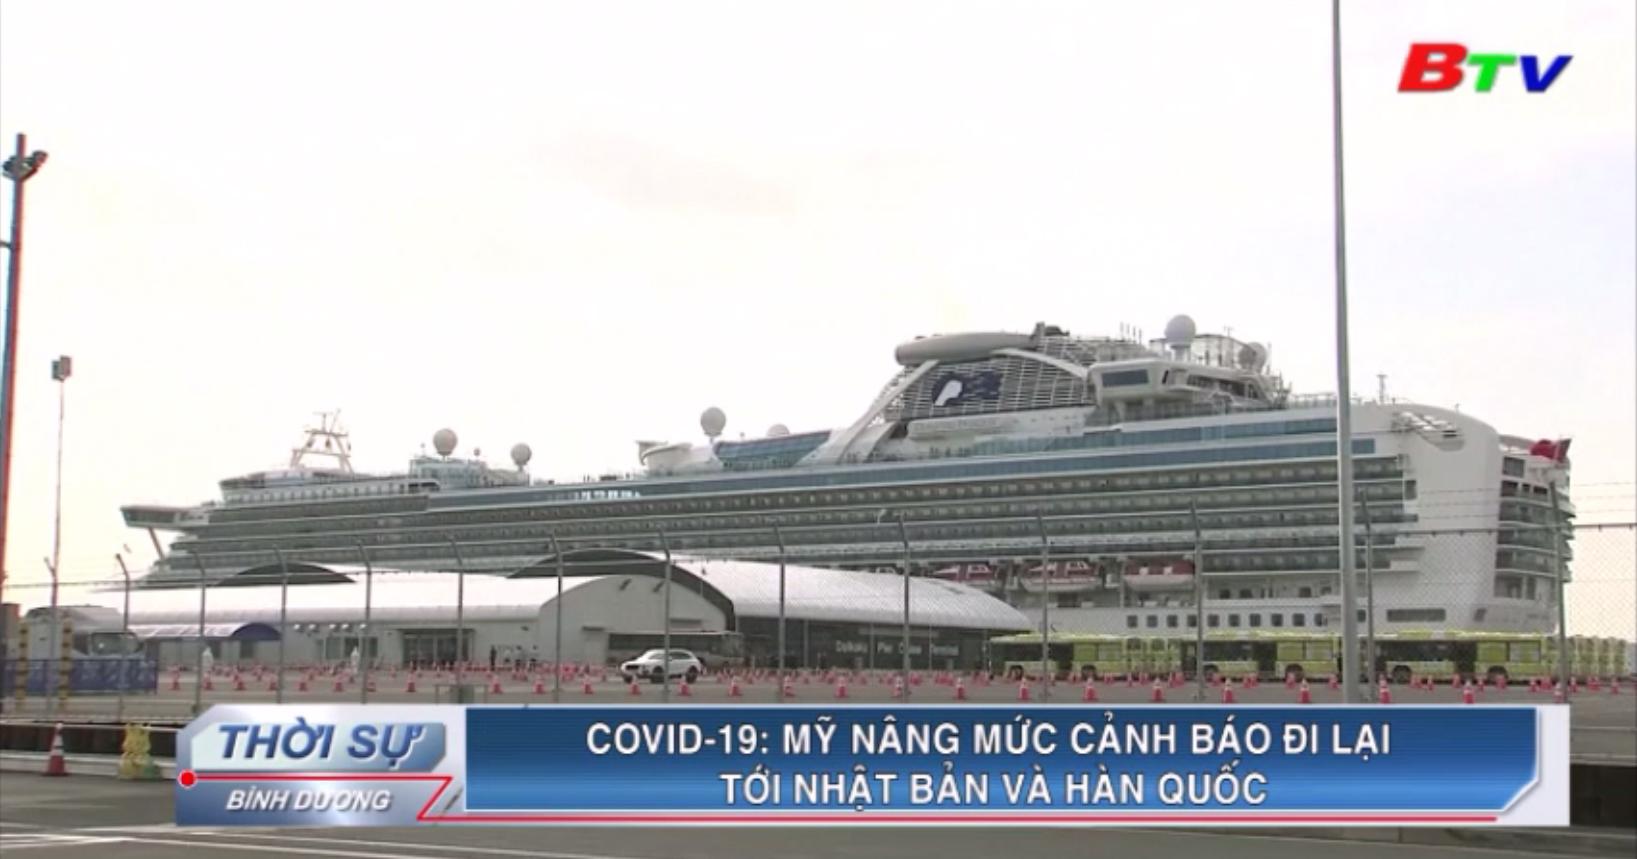 Covid-19 – Mỹ nâng mức cảnh báo đi lại tới Nhật Bản và Hàn Quốc